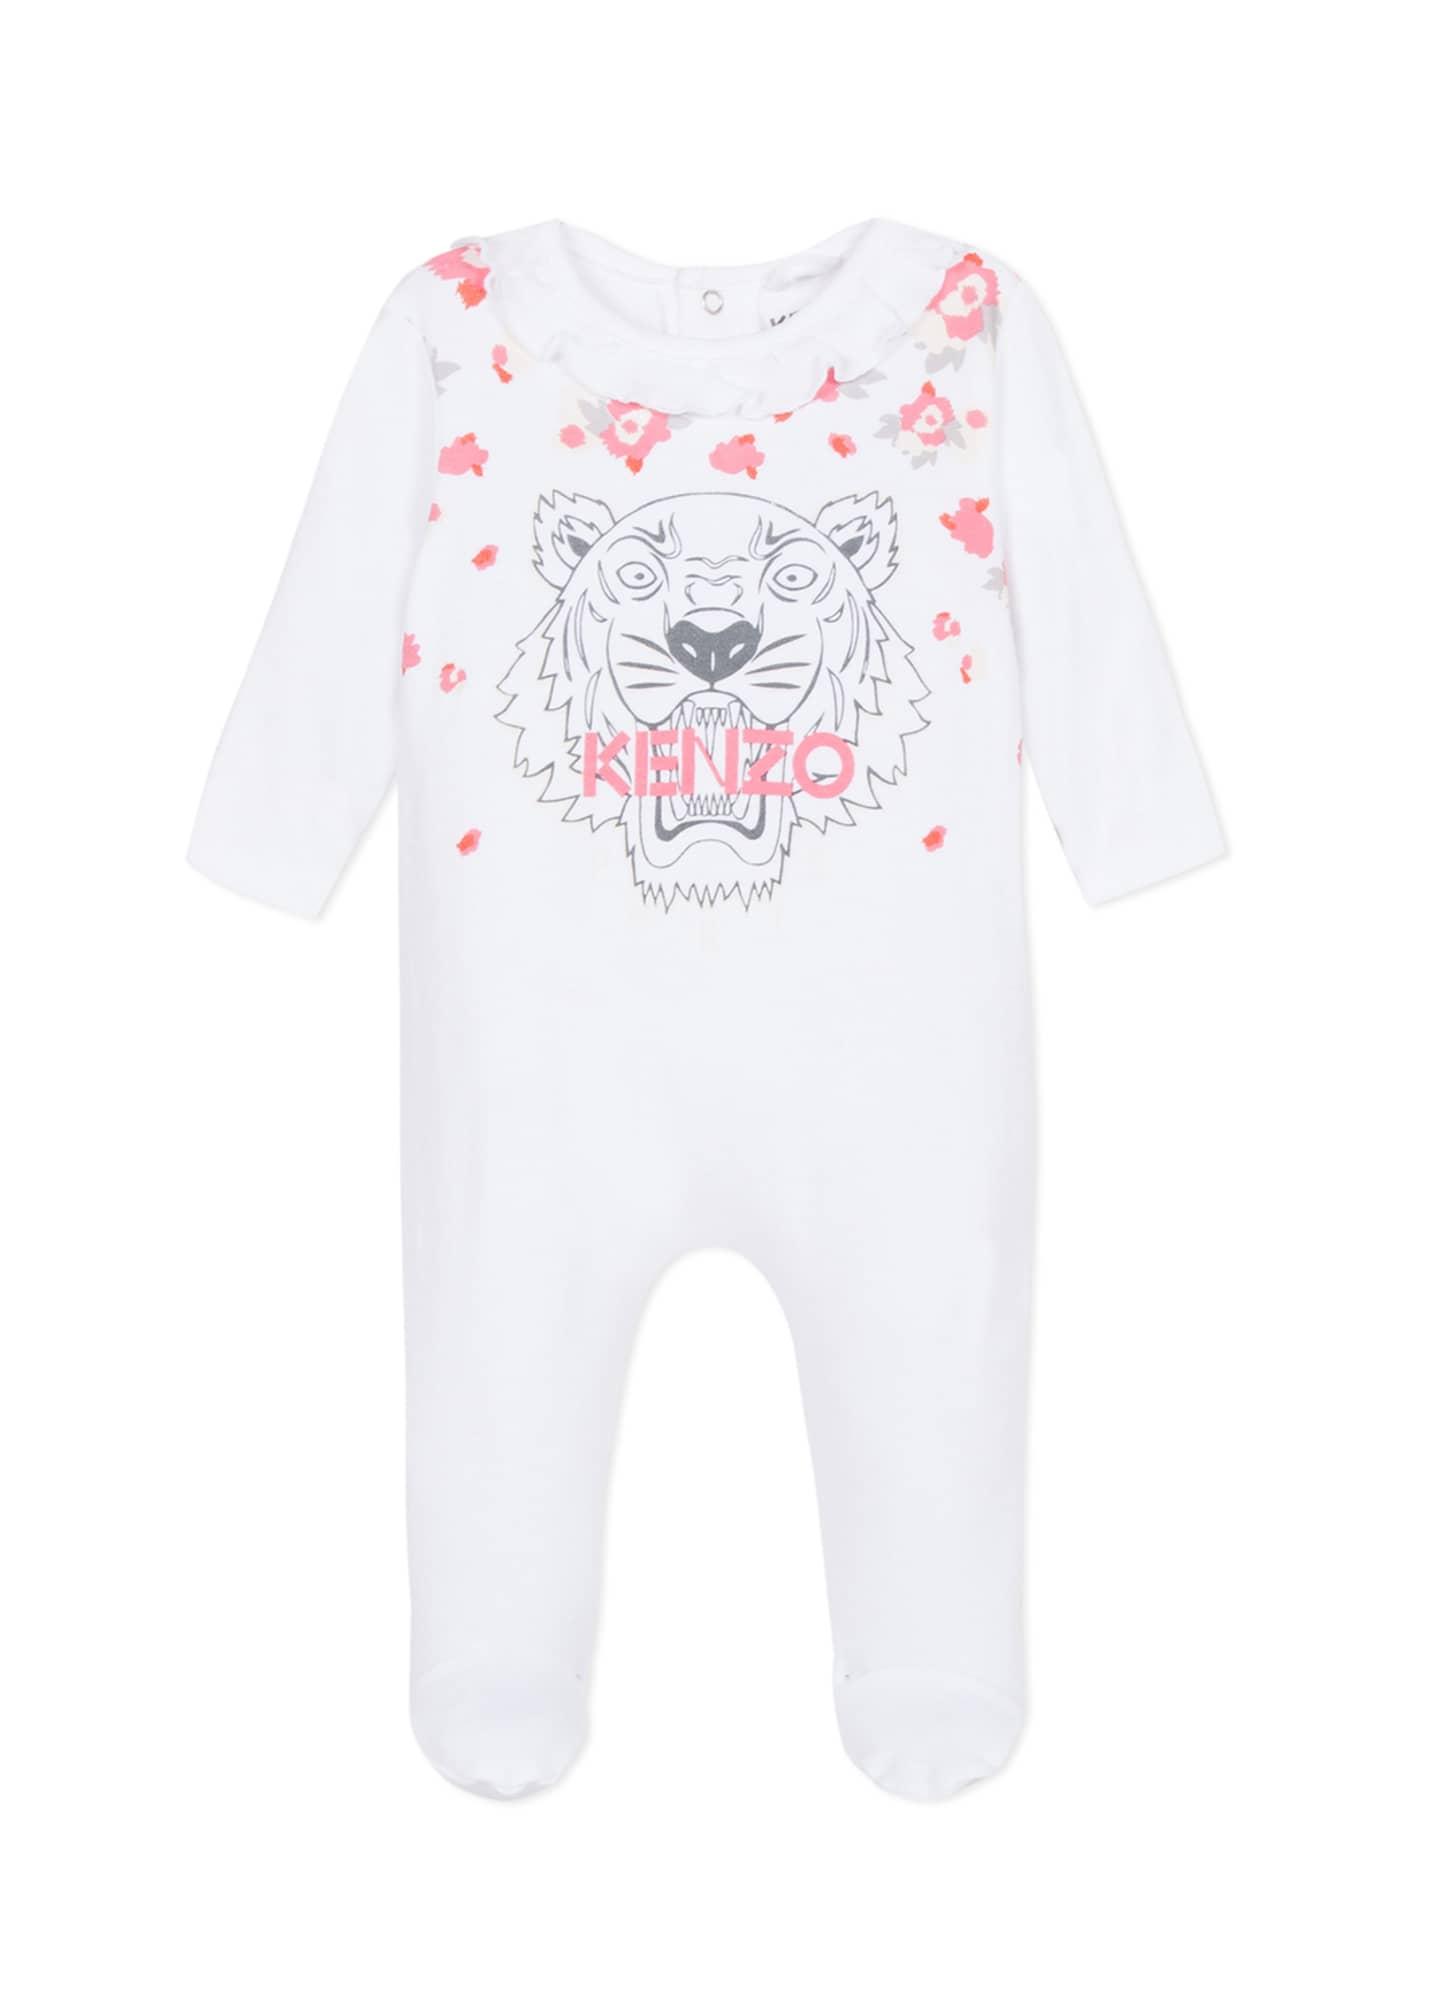 Kenzo Tiger & Flower Print Ruffle-Trim Footie Pajamas,